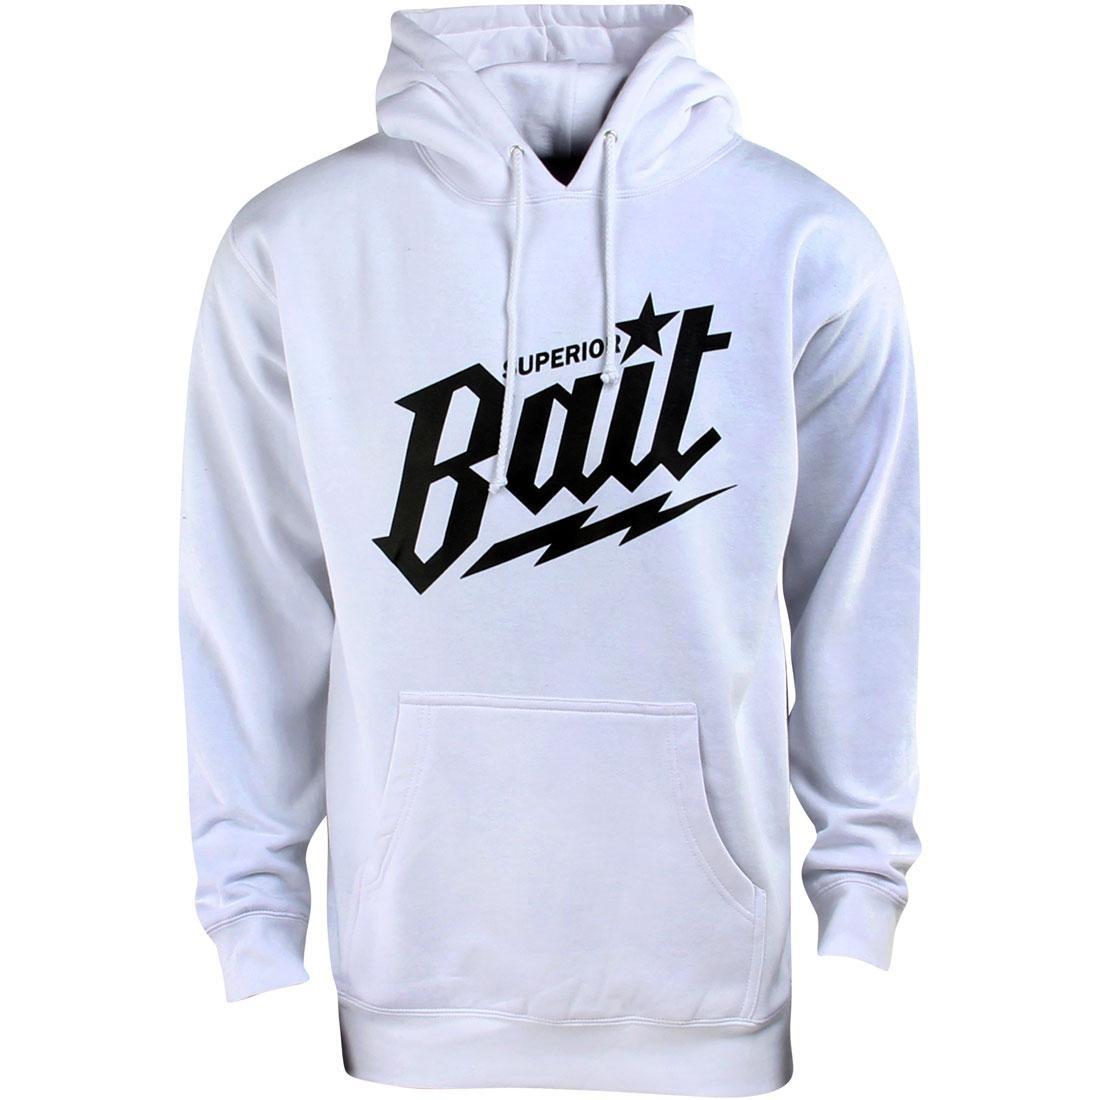 【海外限定】フーディー パーカー トップス 【 BAIT SUPERIOR HOODY WHITE BLACK 】